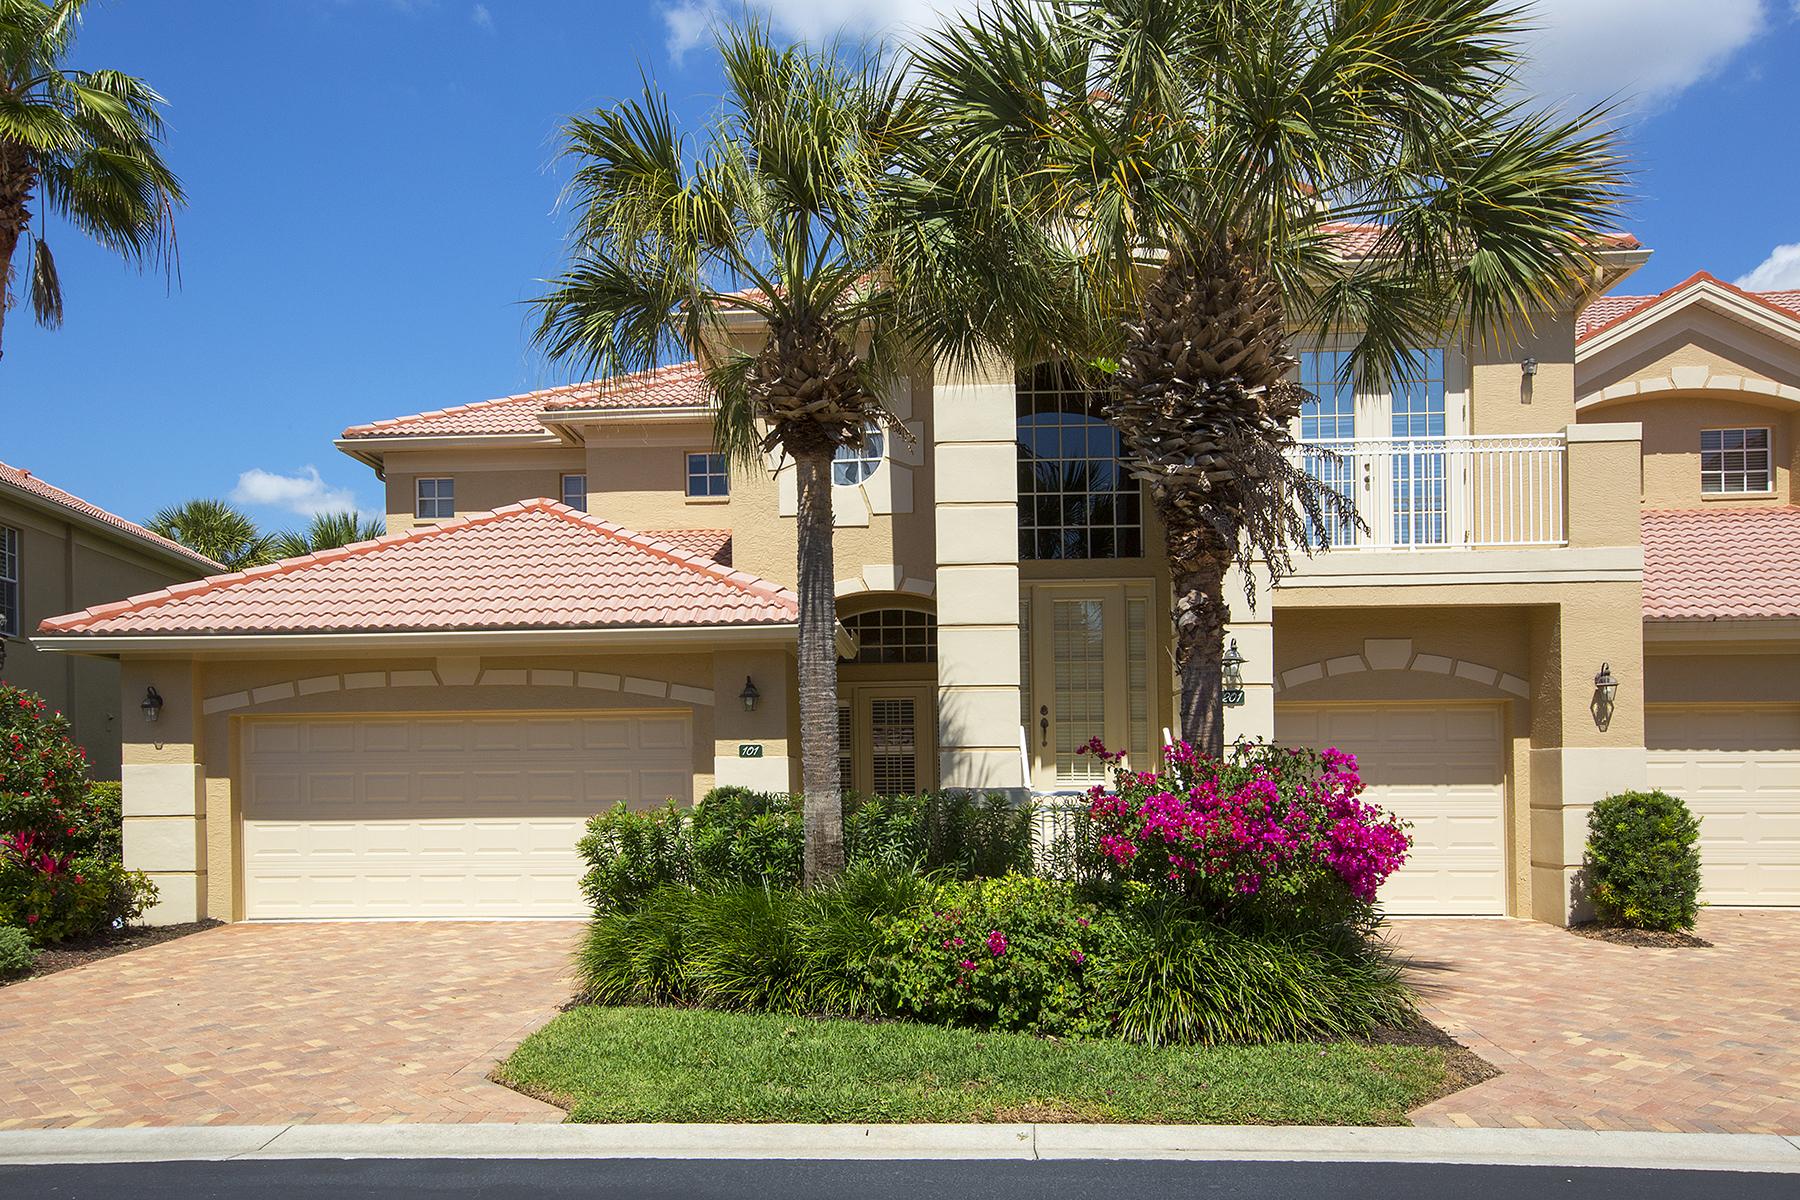 Eigentumswohnung für Verkauf beim SHADOW WOOD AT THE BROOKS - CYPRESS HAMMOCK 9520 Cypress Hammock Cir 101 Estero, Florida, 34135 Vereinigte Staaten